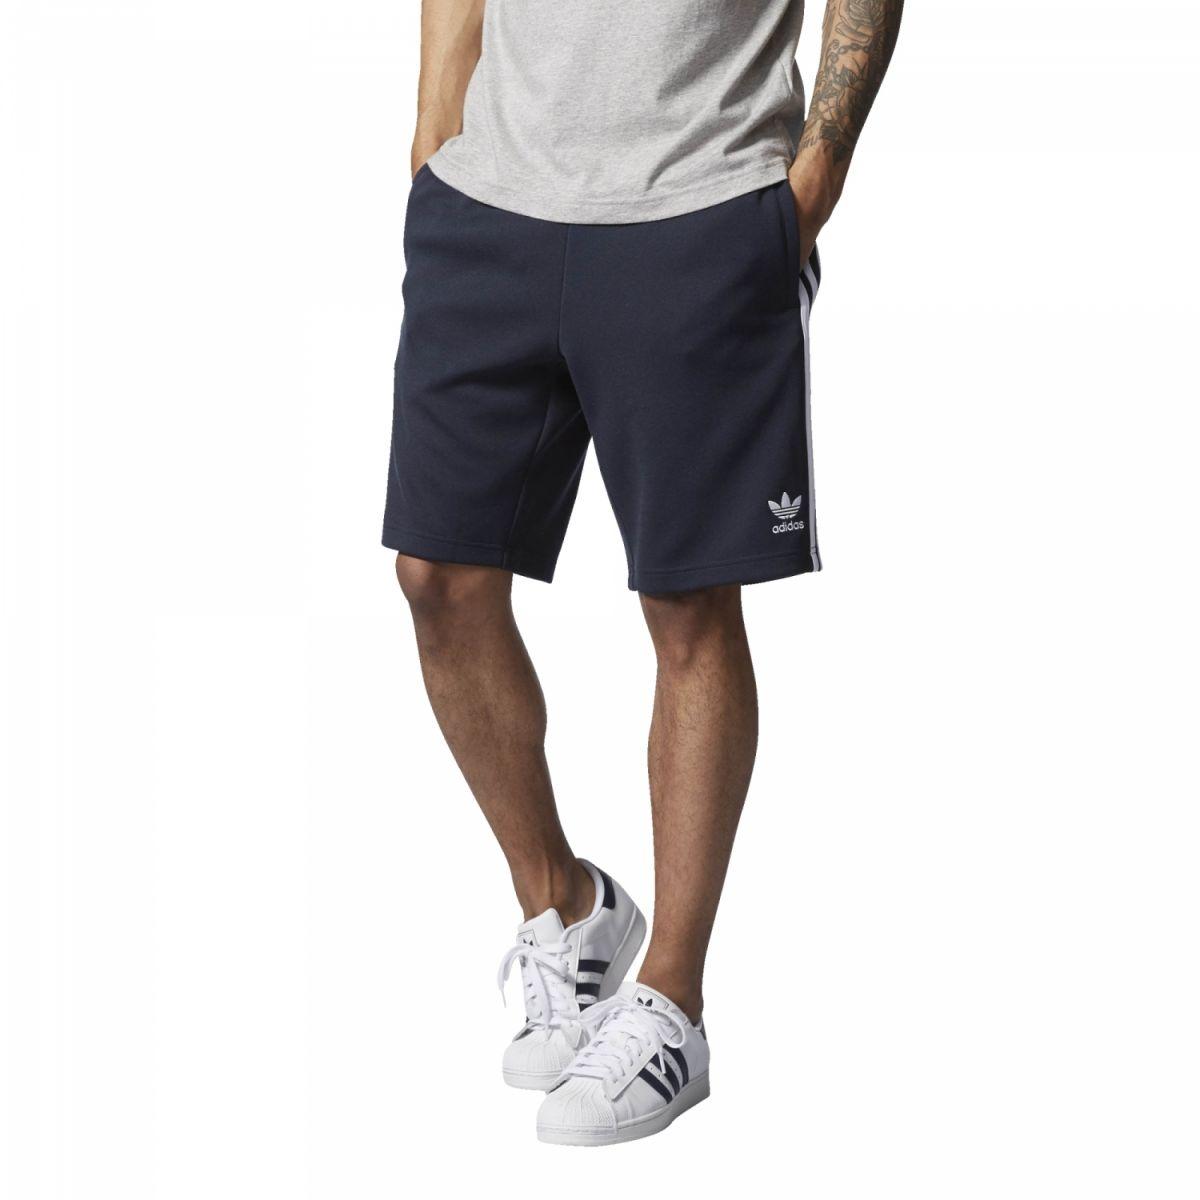 adidas Originals Superstar Shorts Herren blau weiß